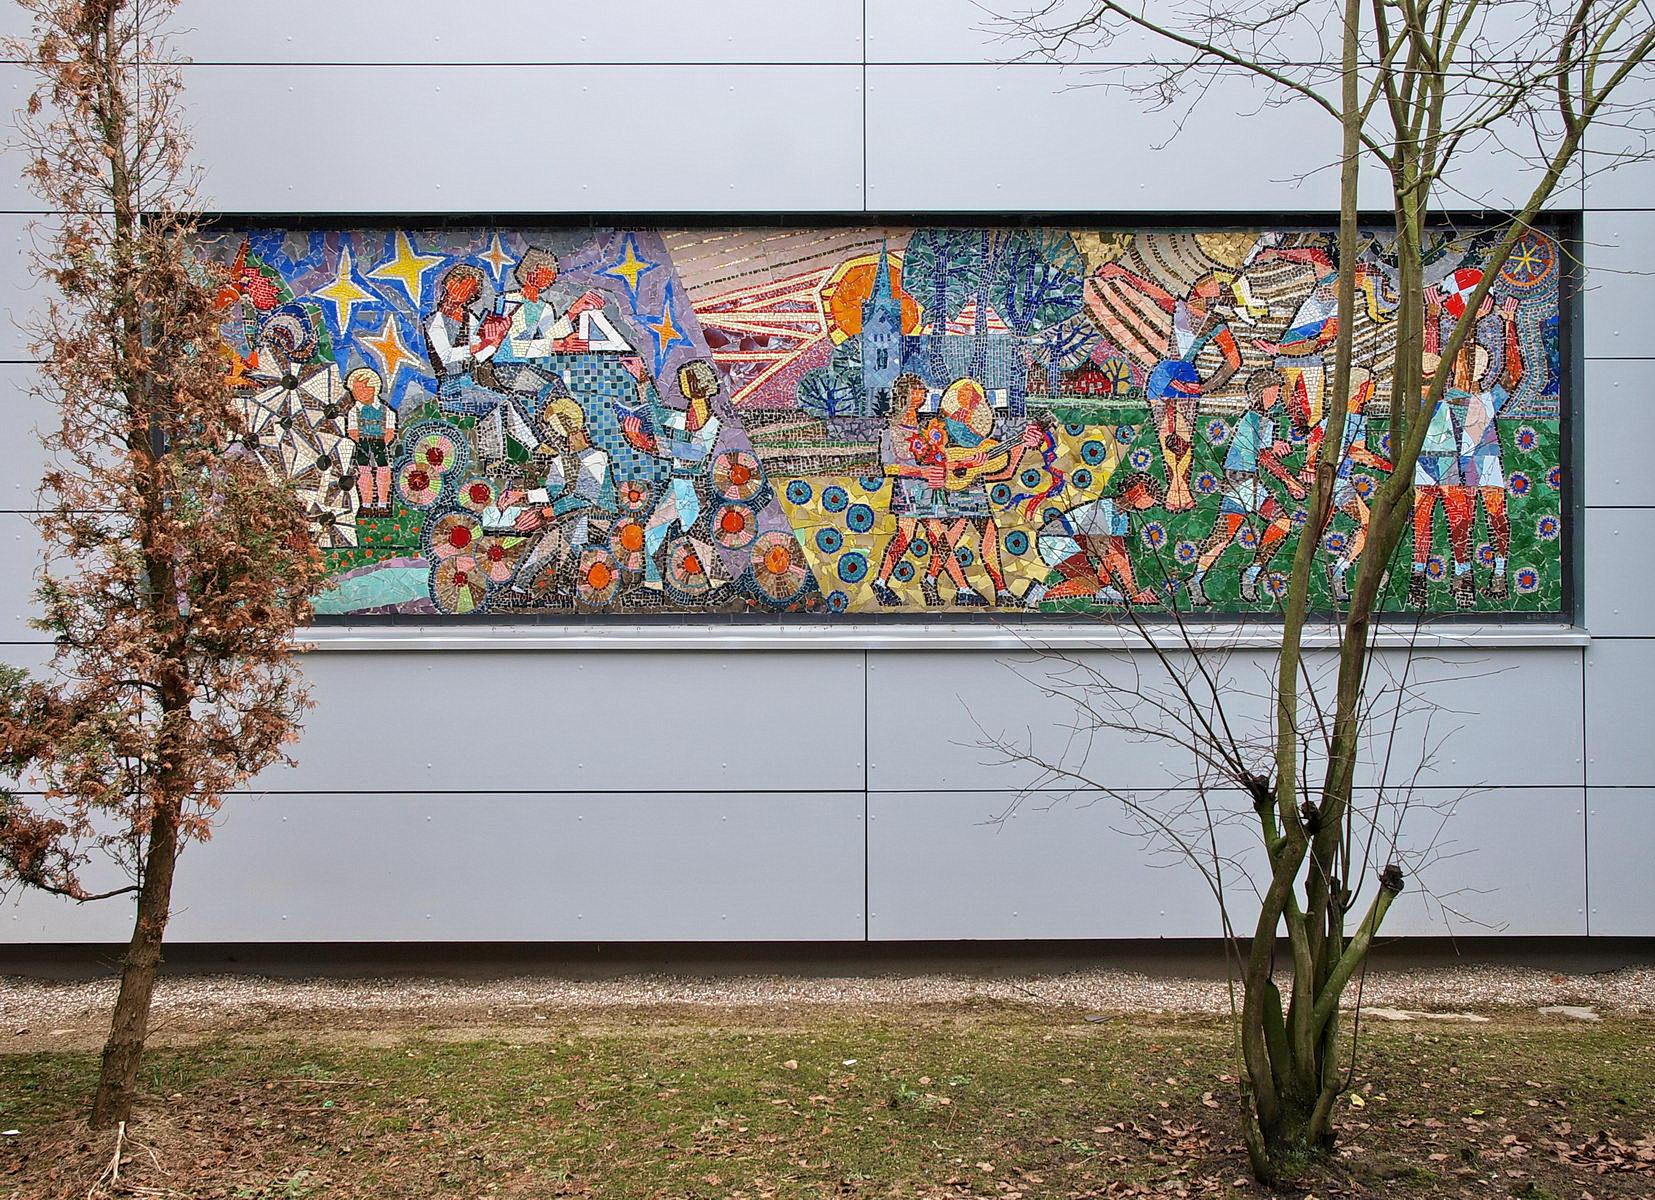 kropp, schulstr. 15, grund- u. gemeinschaftsschule, bettermann-mosaik, 2010